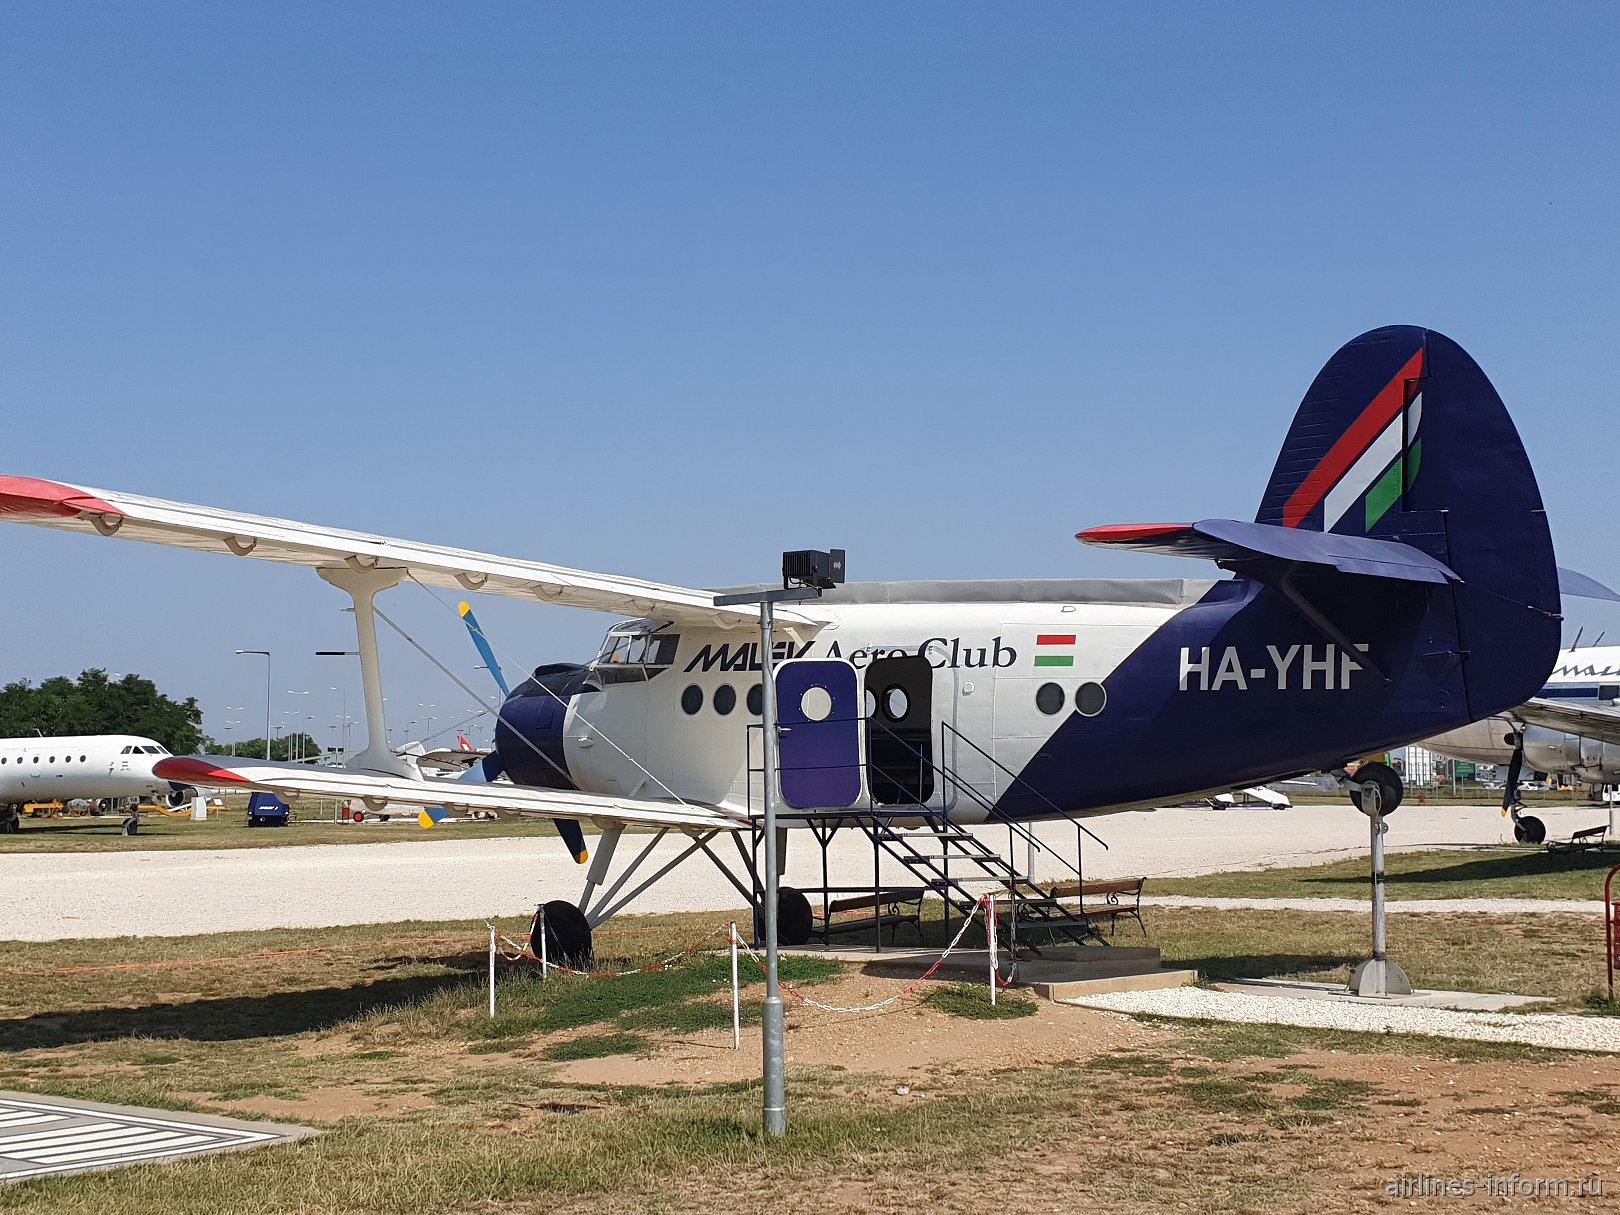 Самолет Ан-2 в авиационном музее в аэропорту Будапешта